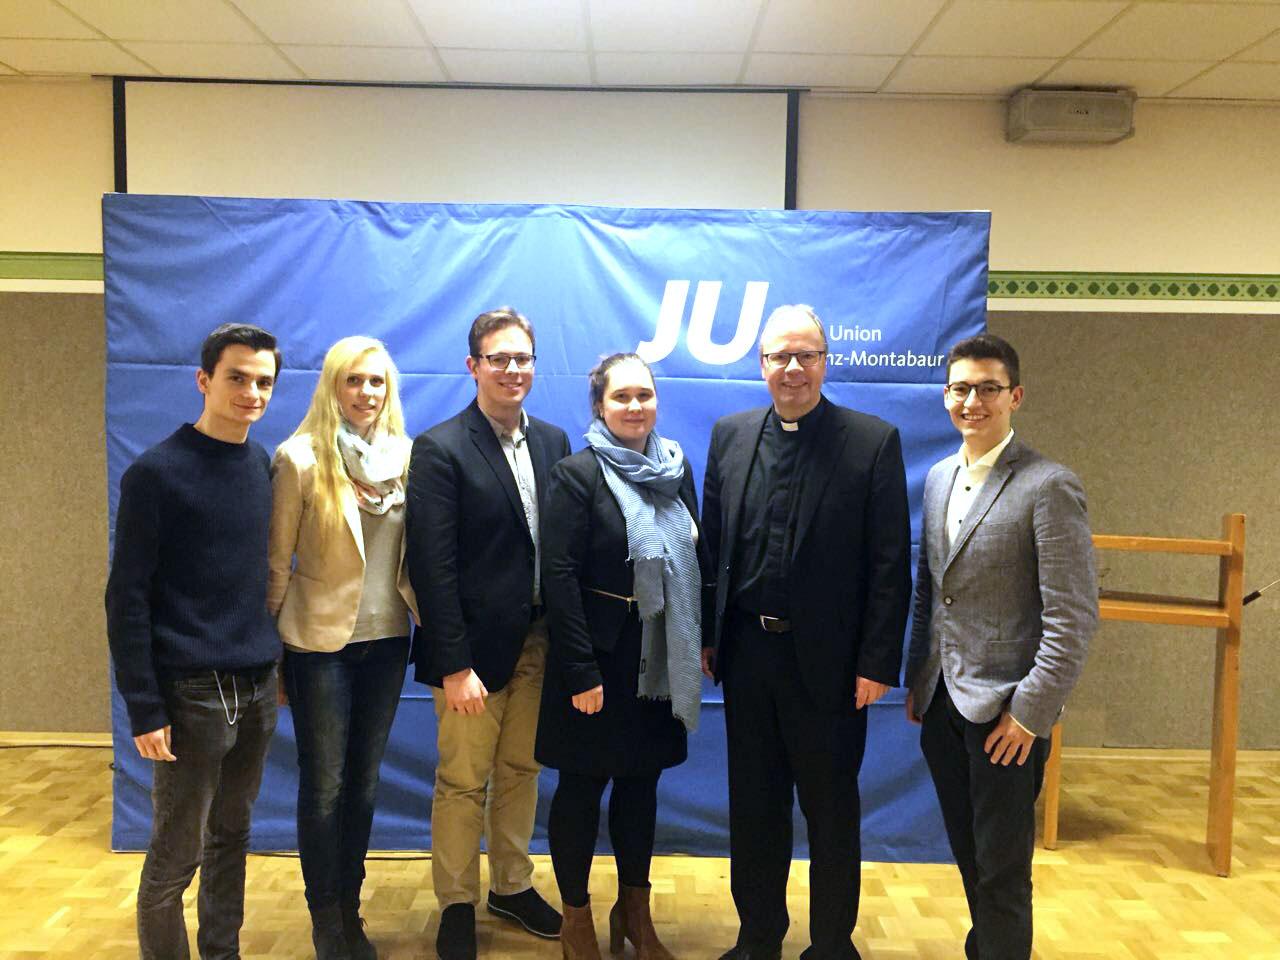 Dreikönigstreffen der Jungen Union Koblenz-Montabaur 2018 in Maria Laach